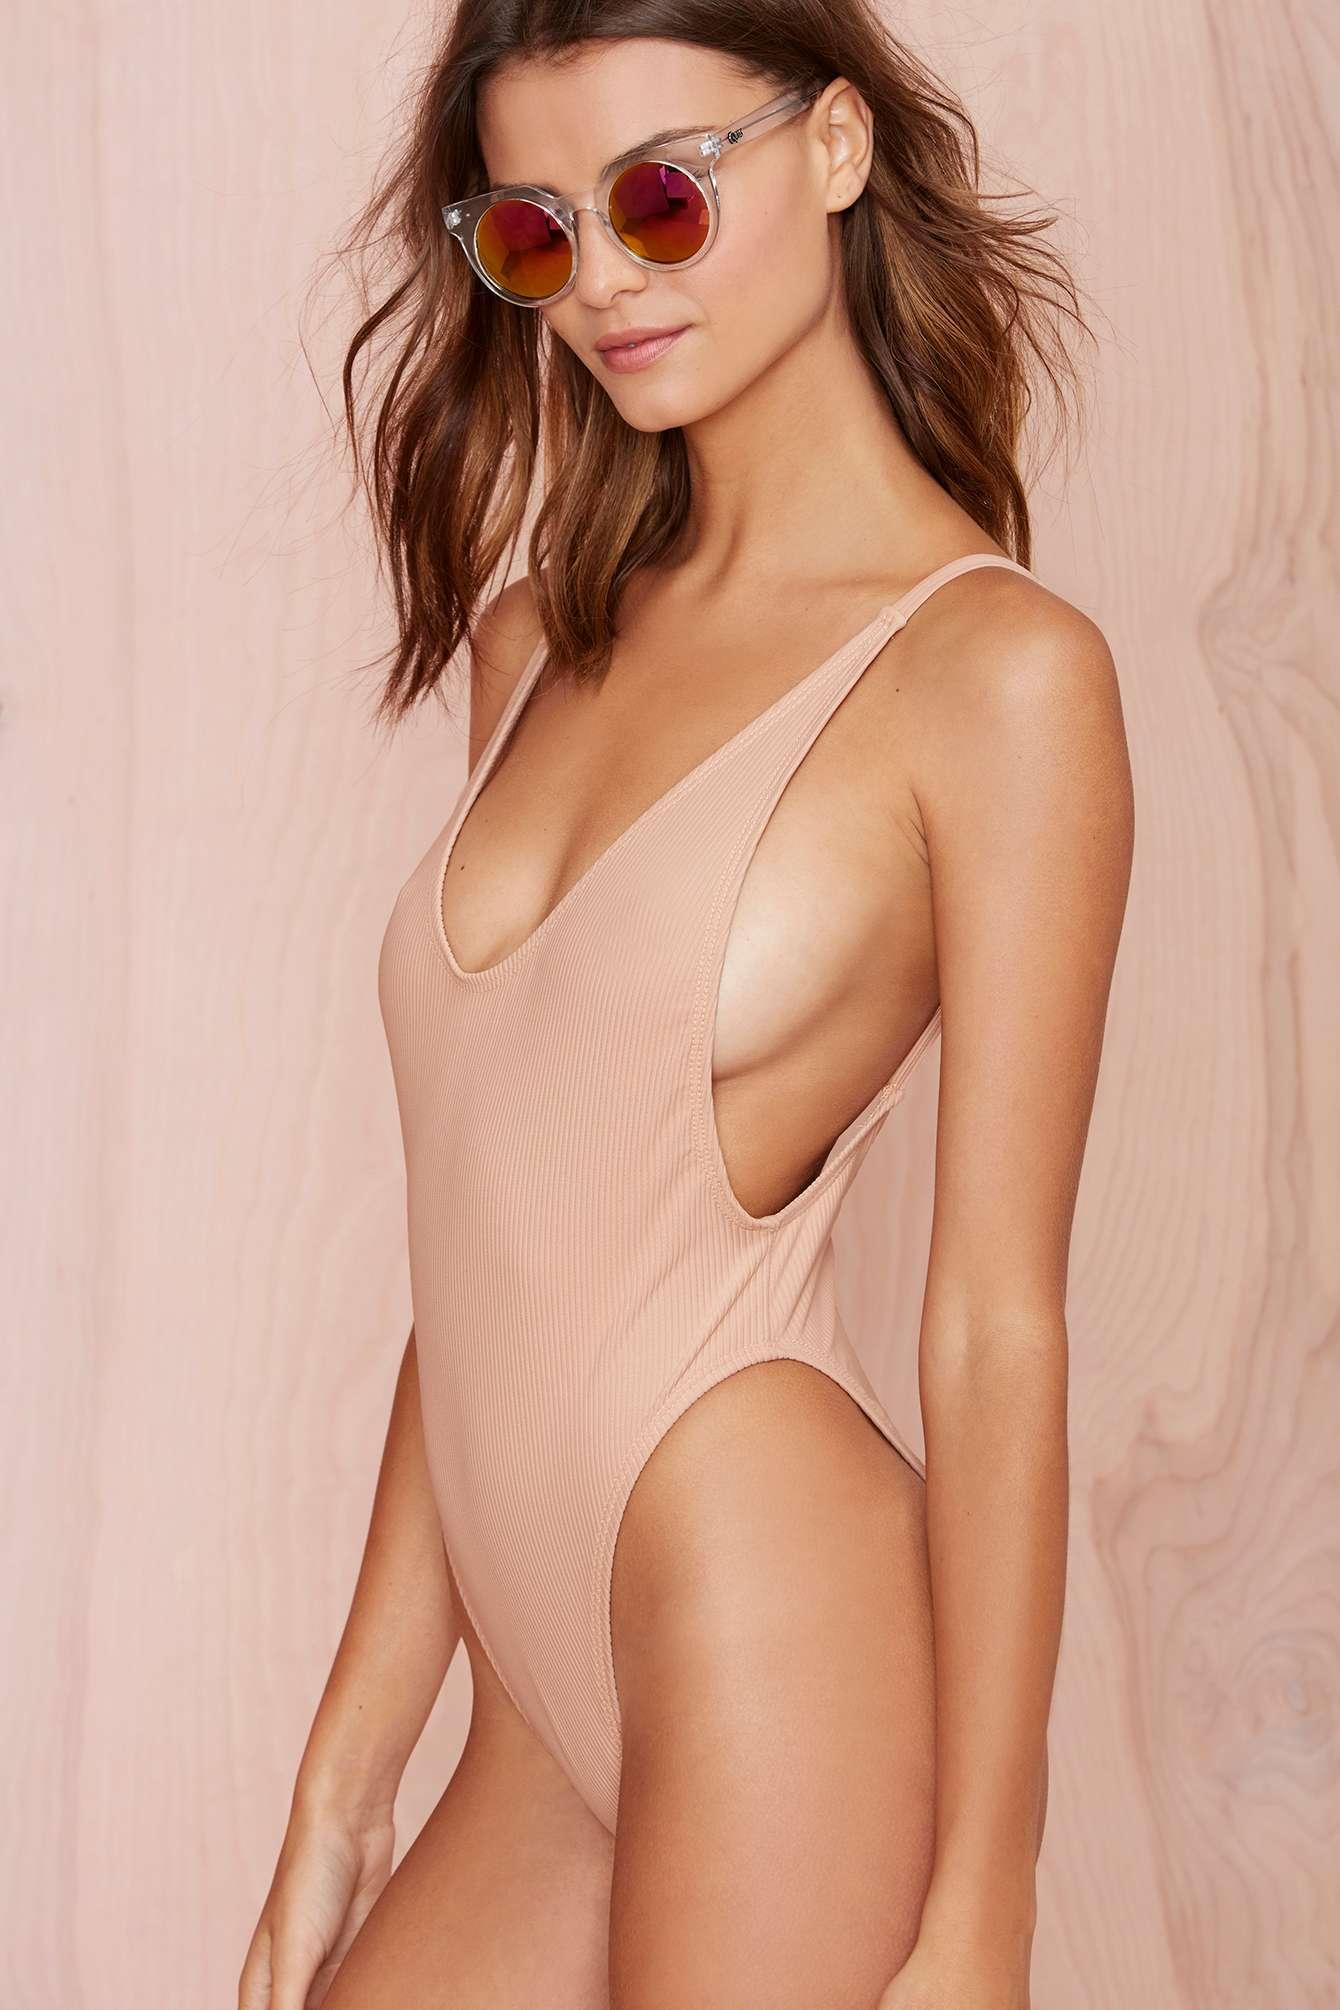 Áo tắm màu nude dễ gây hiểu lầm của các chân dài - 11